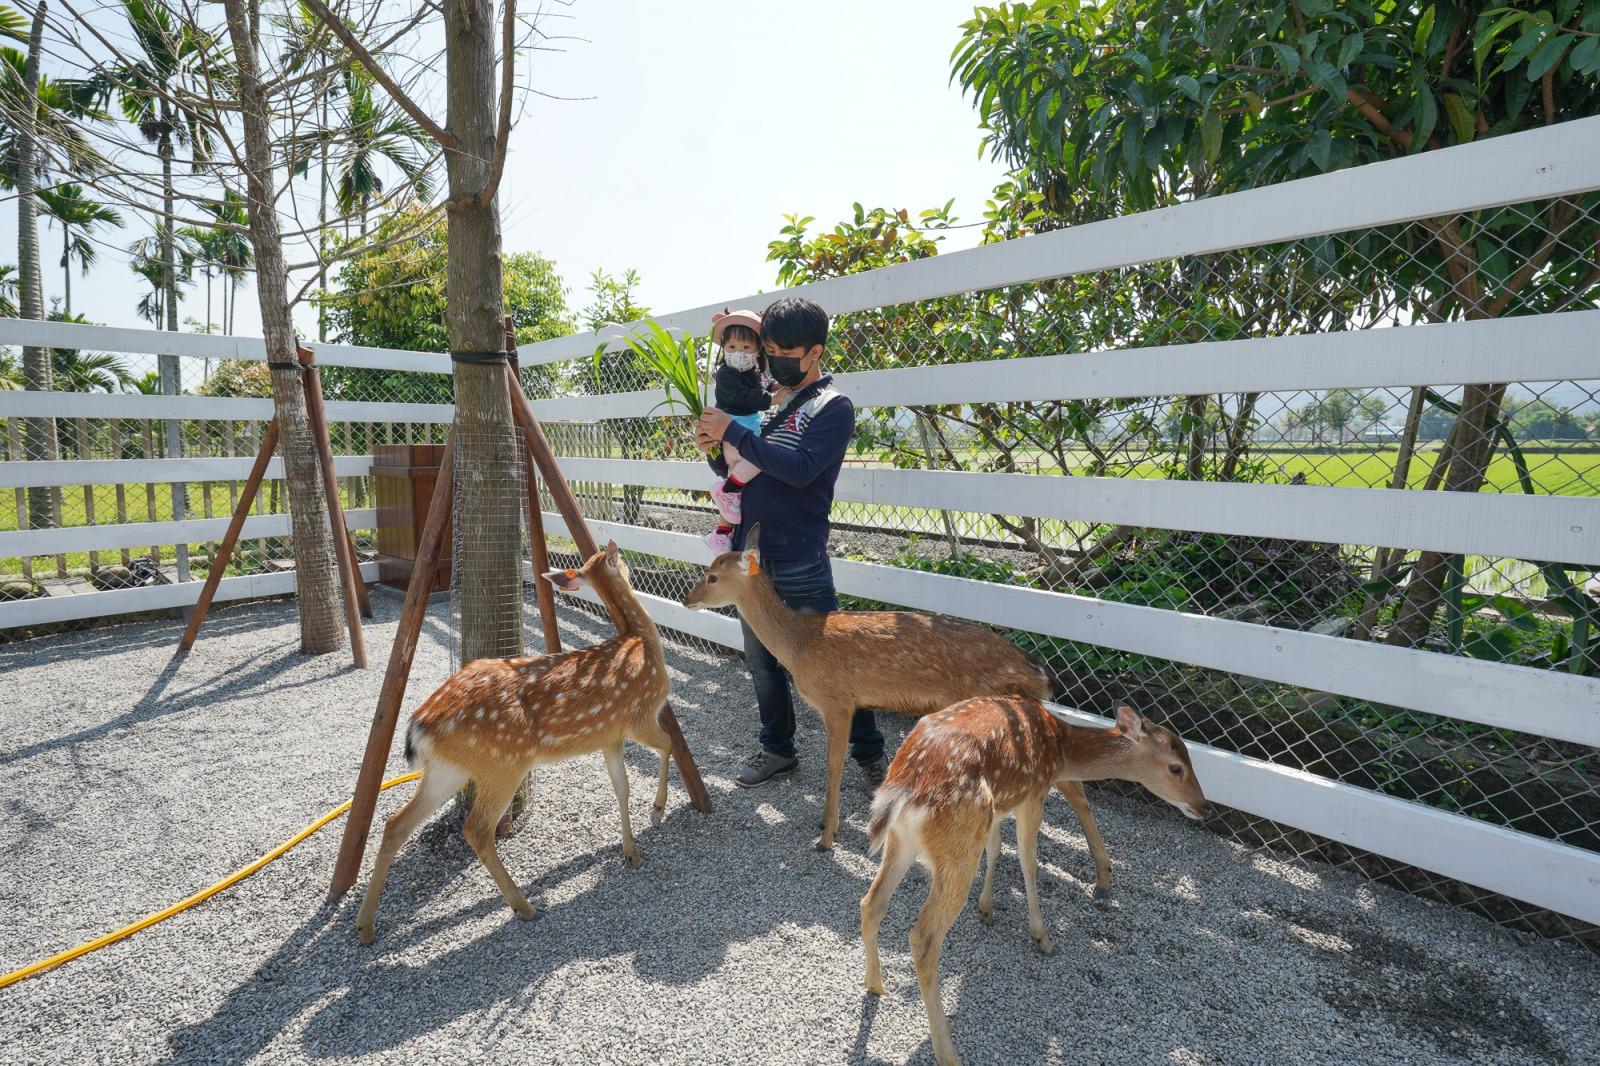 宜蘭親子農場》水豚君頂橘子!張美阿嬤農場,400坪日式庭園,穿和服餵小鹿、水豚君,還可兌換蔥油餅和雞蛋糕,適合親子同遊的景點